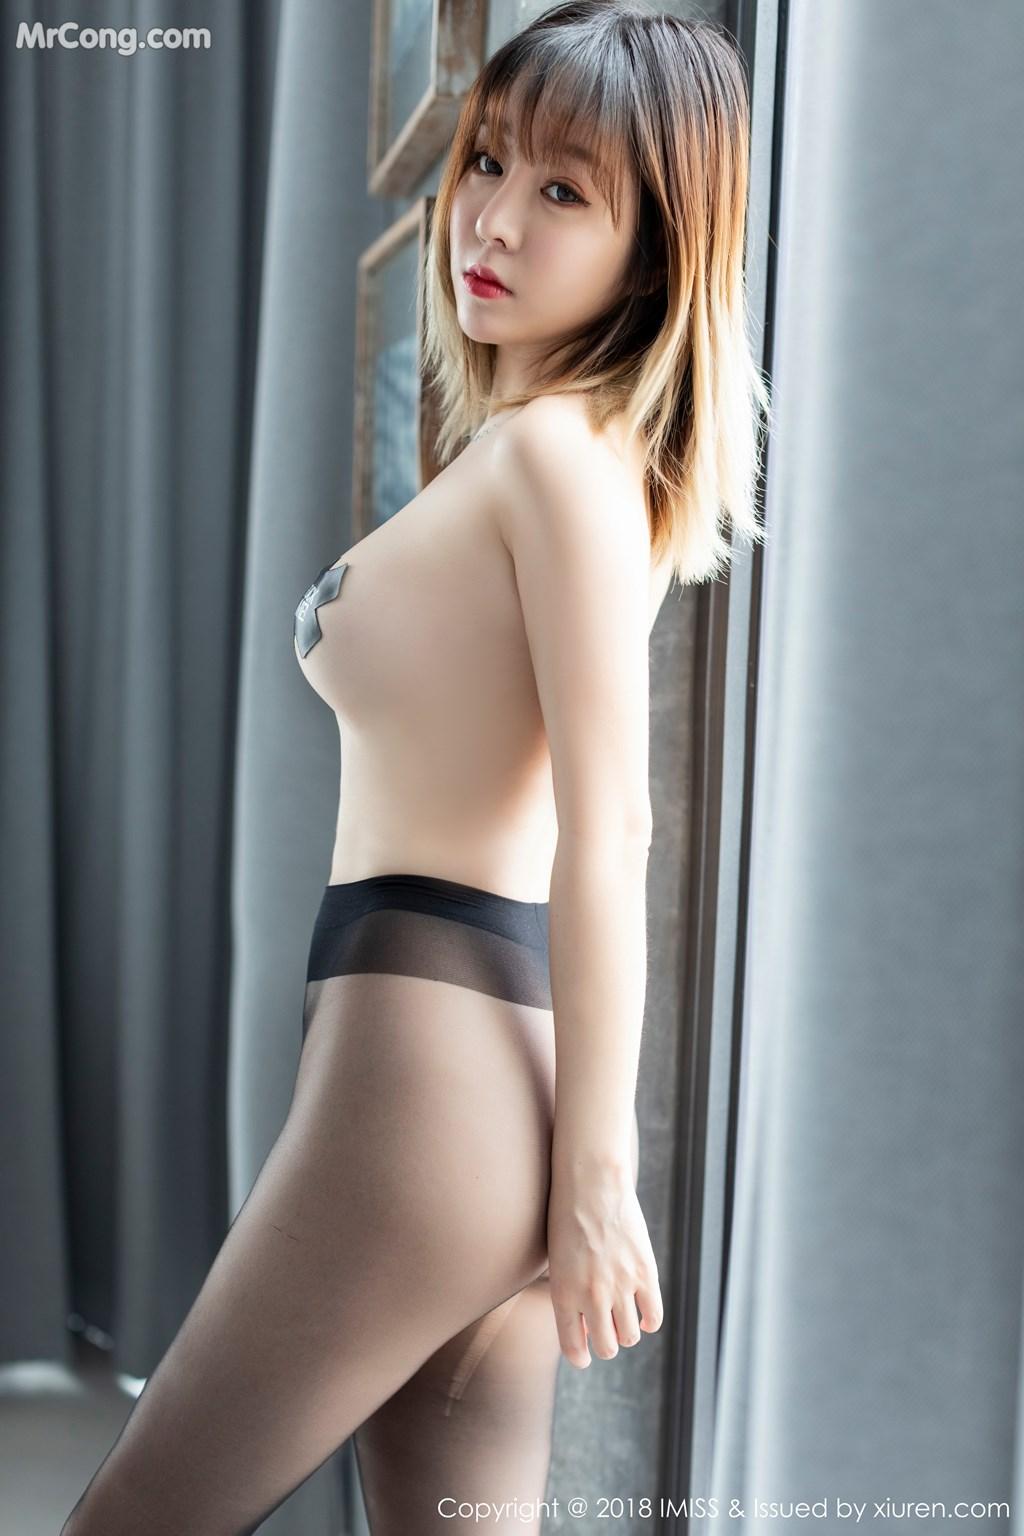 Image IMISS-Vol.310-Wang-Yu-Chun-MrCong.com-003 in post IMISS Vol.310: Người mẫu Wang Yu Chun (王雨纯) (37 ảnh)